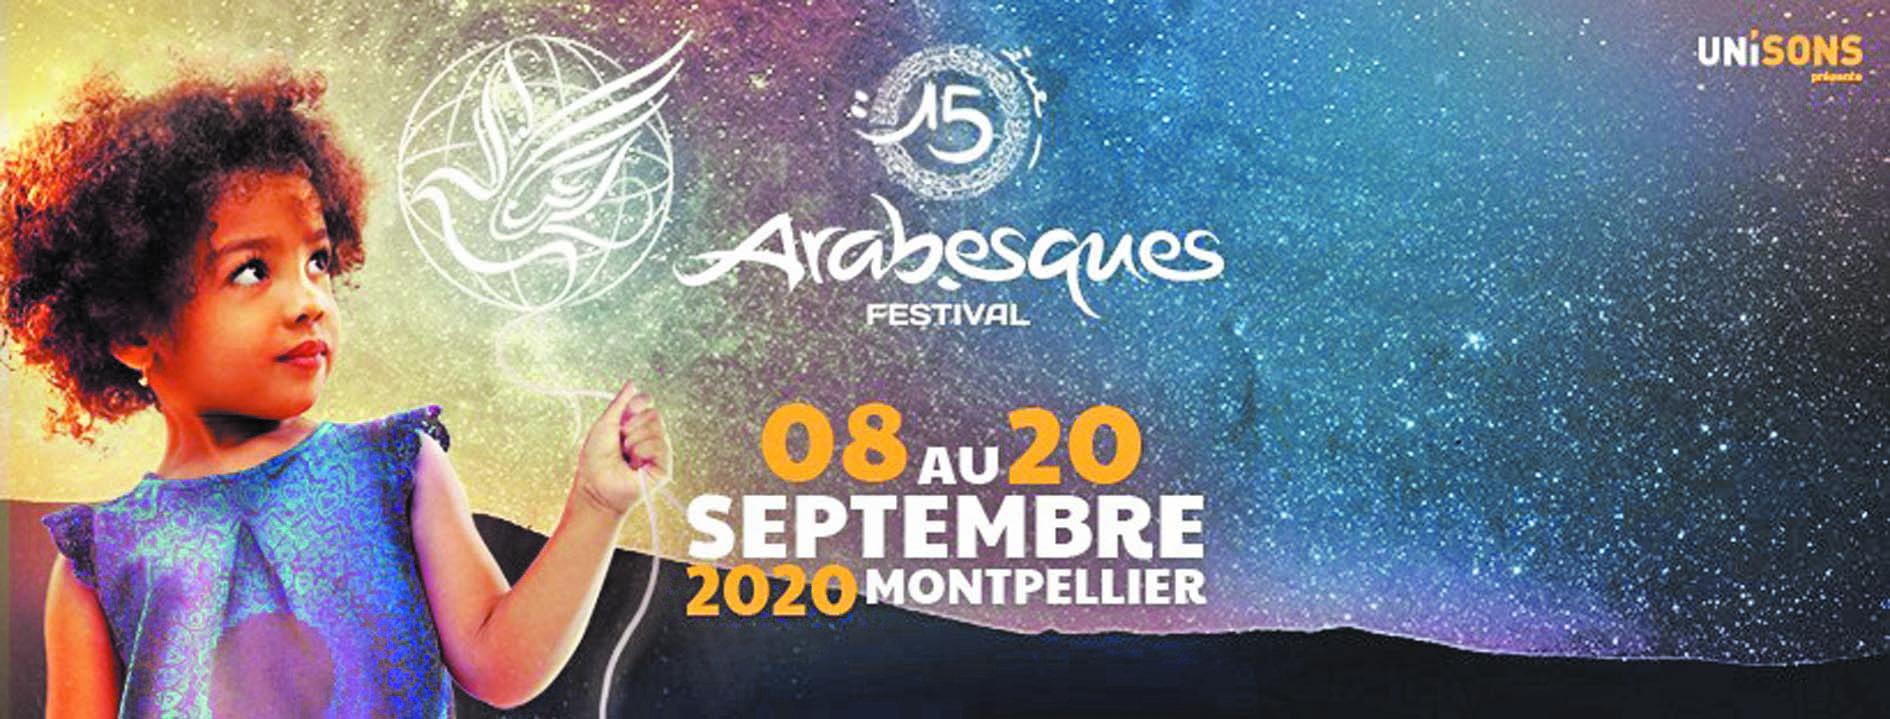 Le Festival Arabesques fête ses 15 ans malgré la crise sanitaire